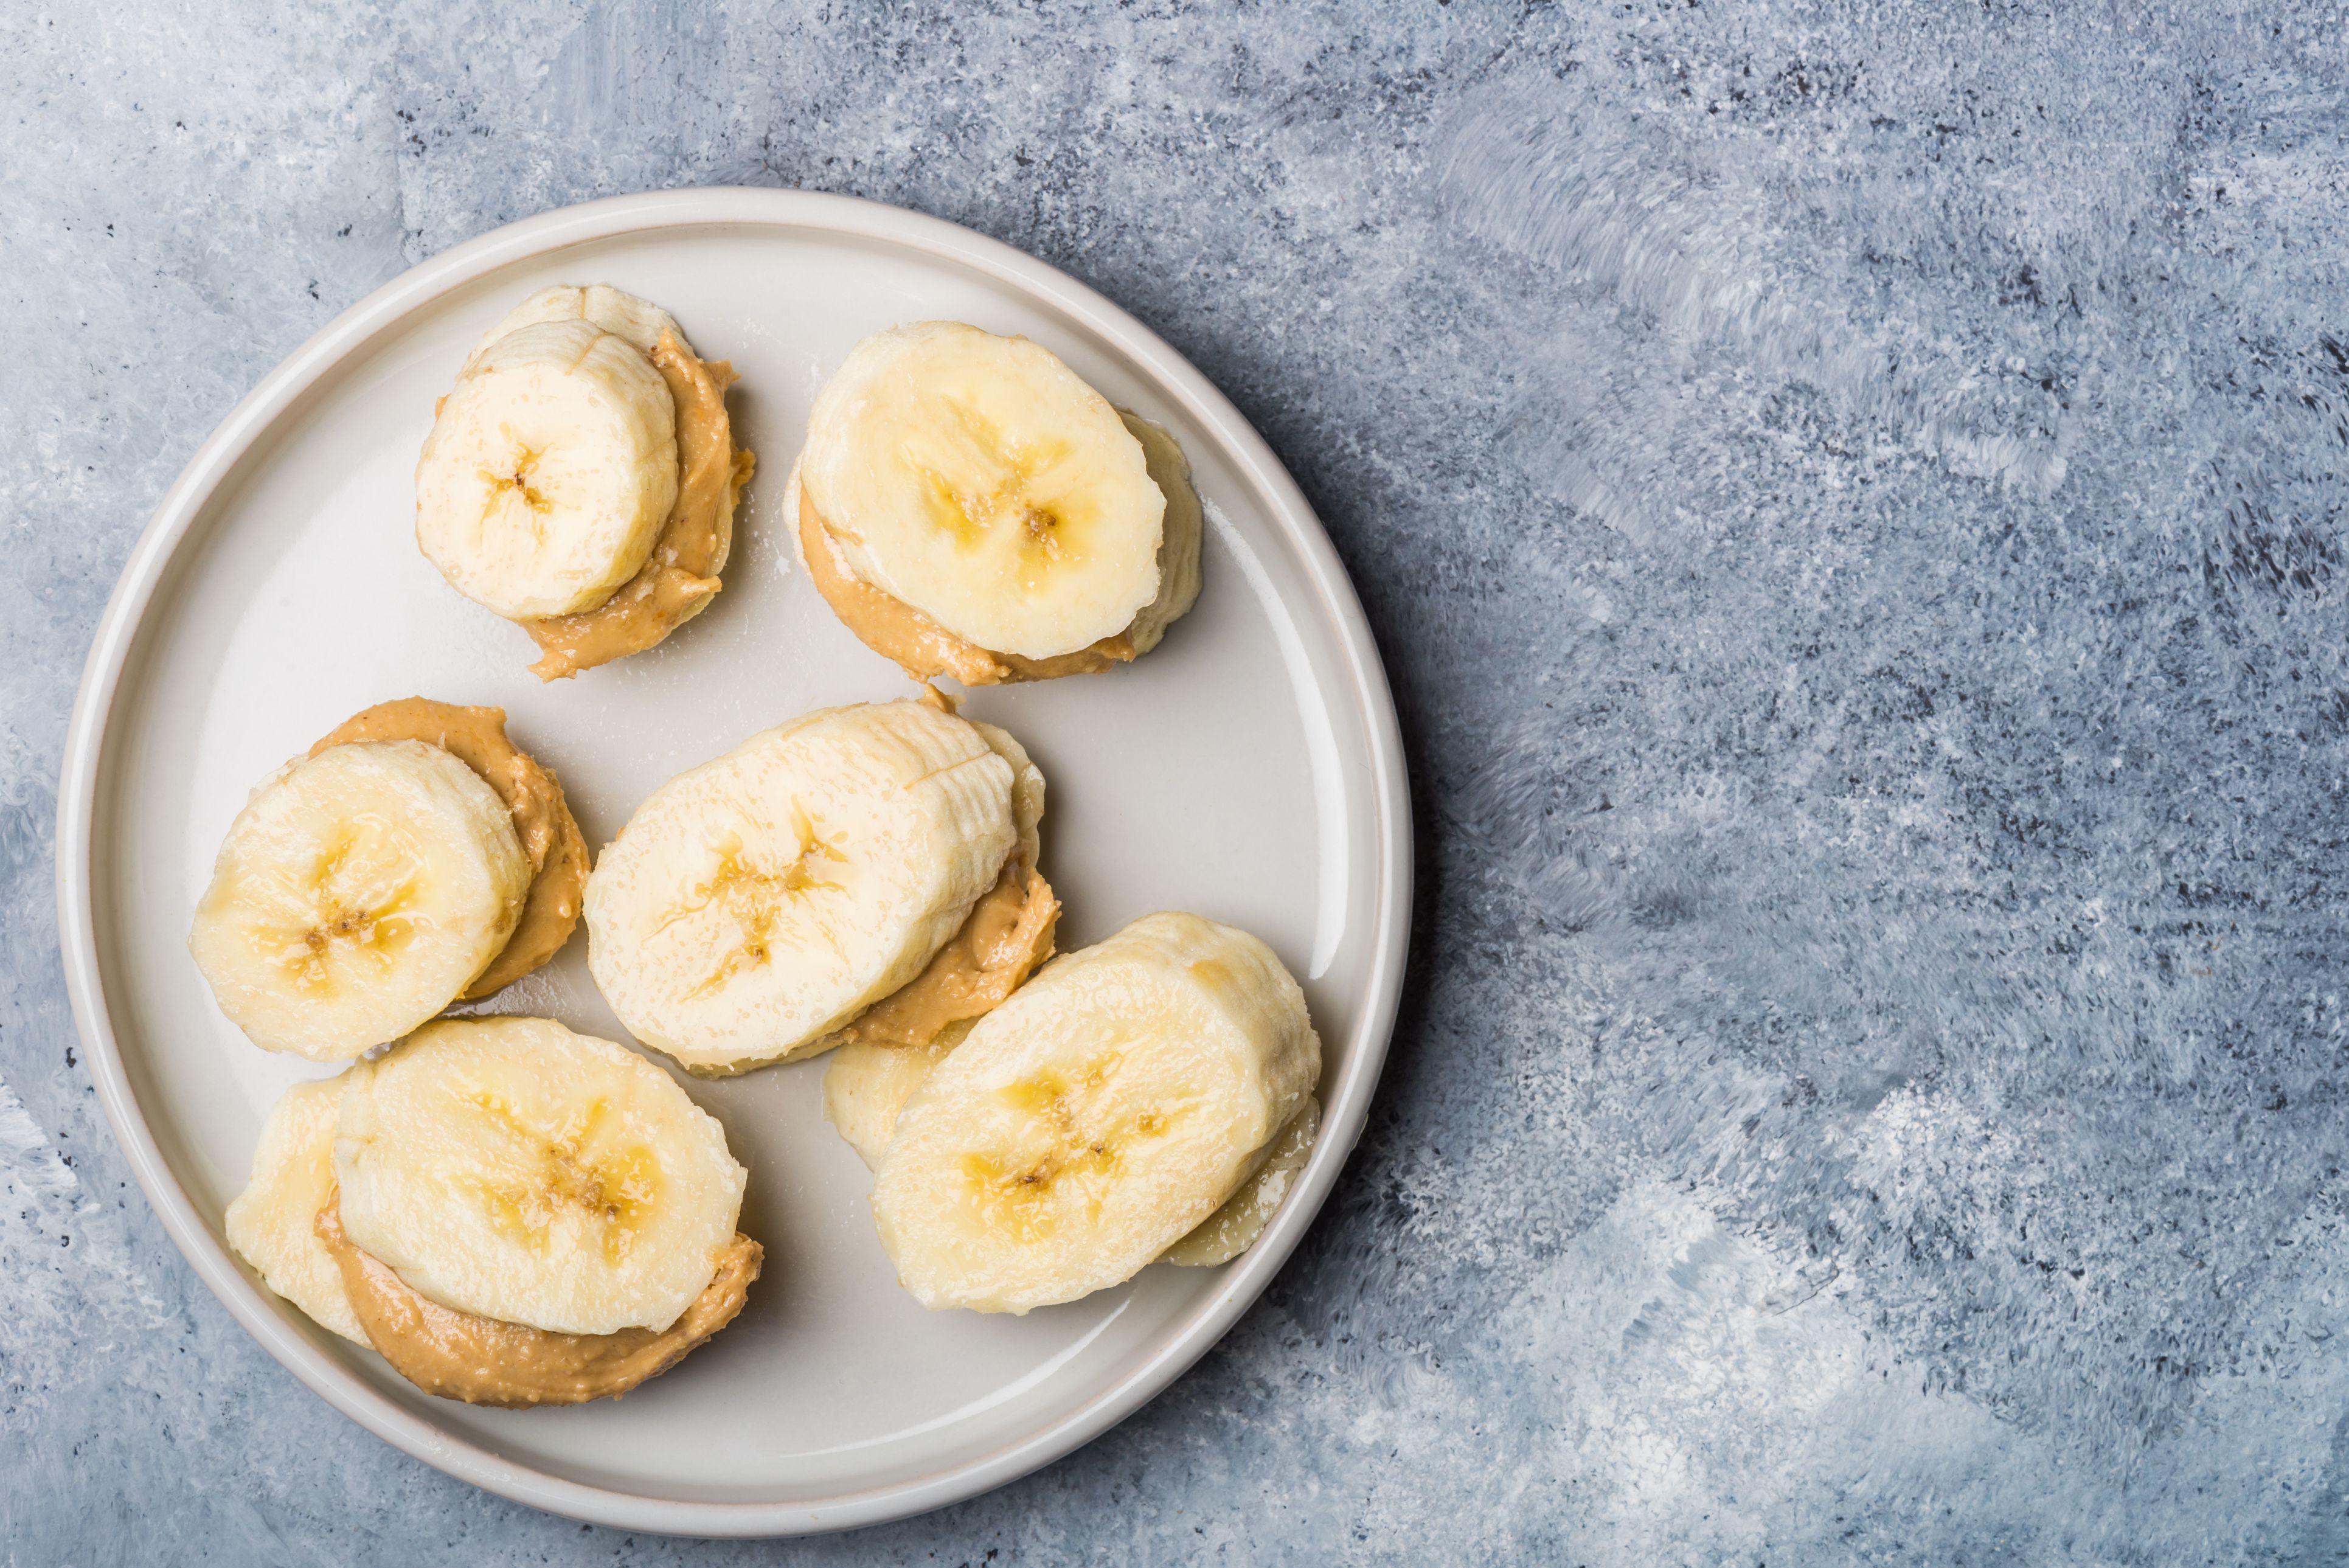 Best Healthy Snacks - Easy Healthiest Snack Food Ideas